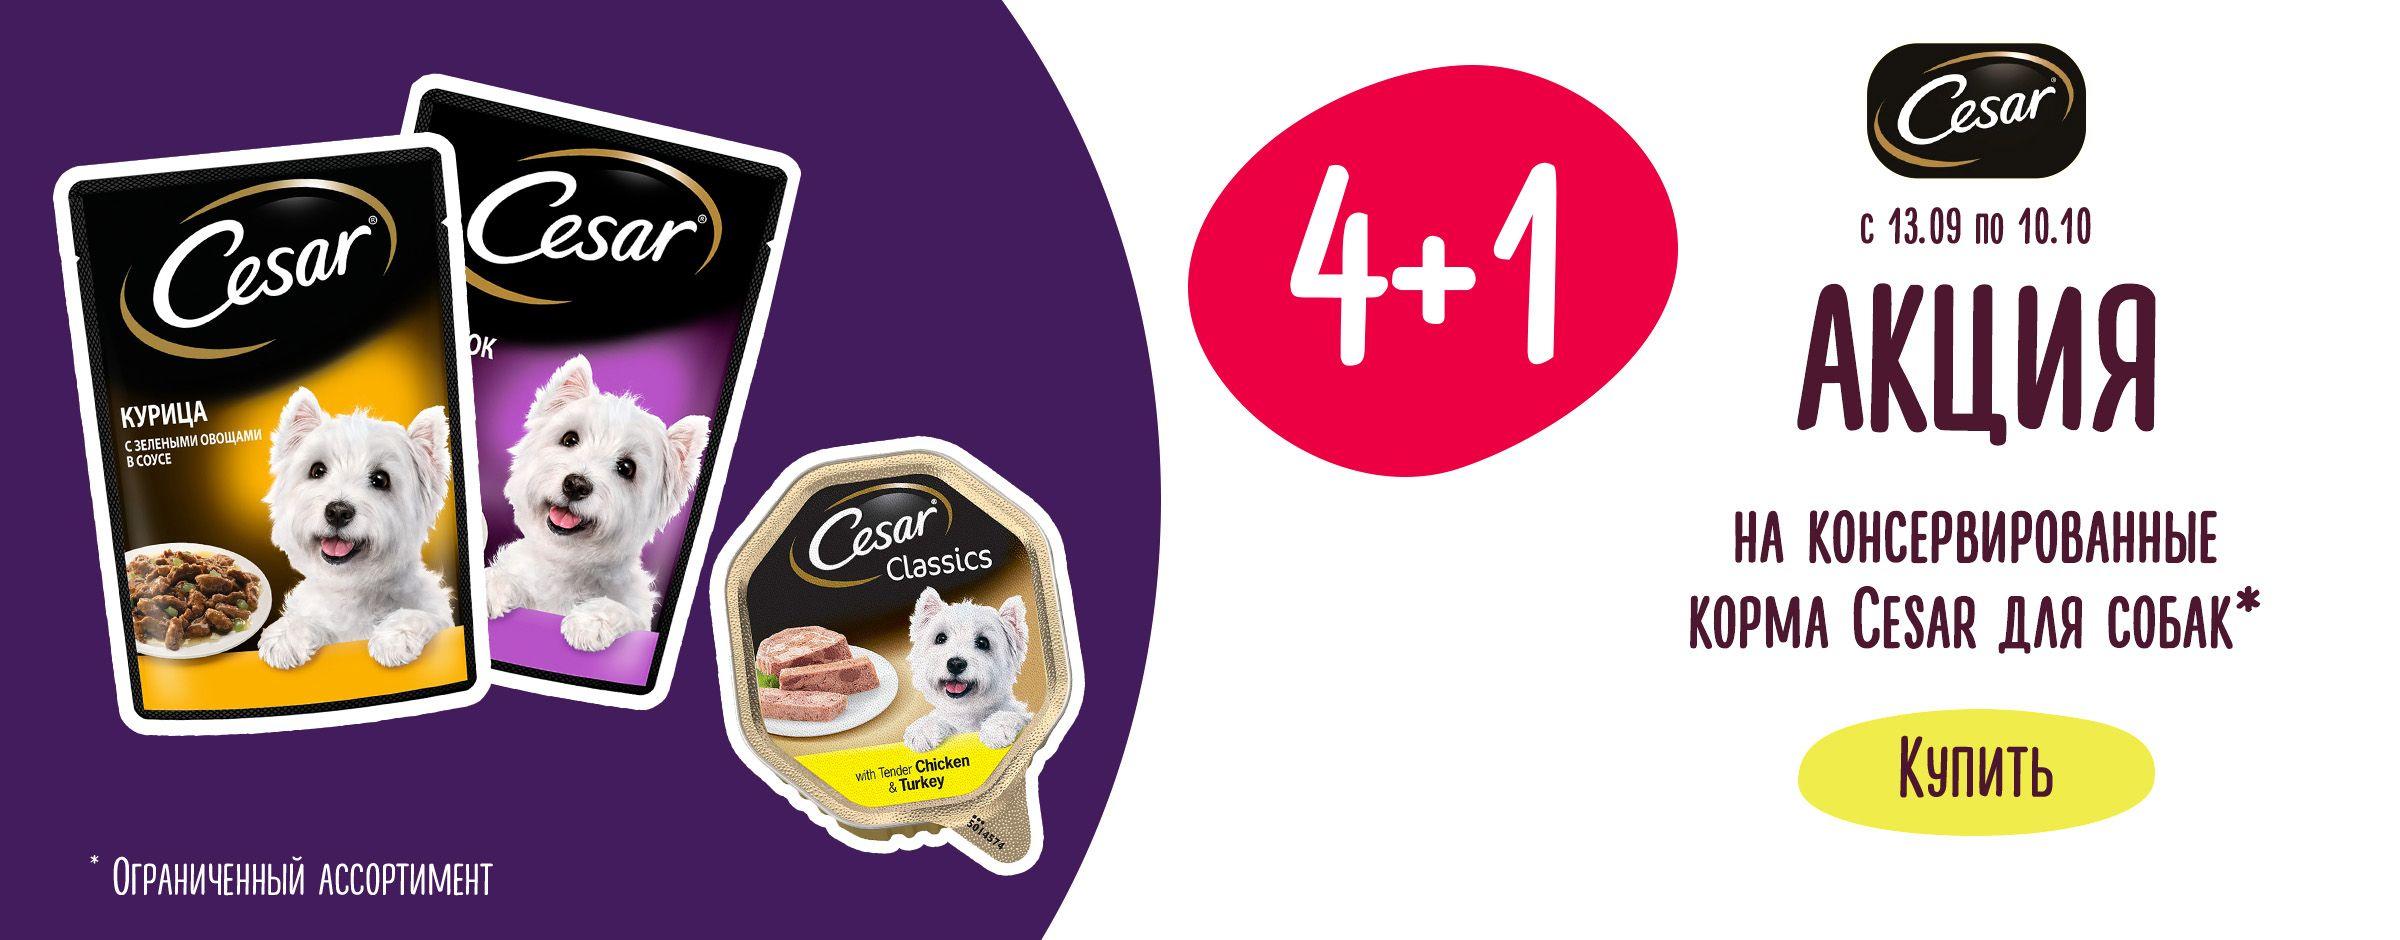 Акция 4+1 на консервированные корма Cesar для собак